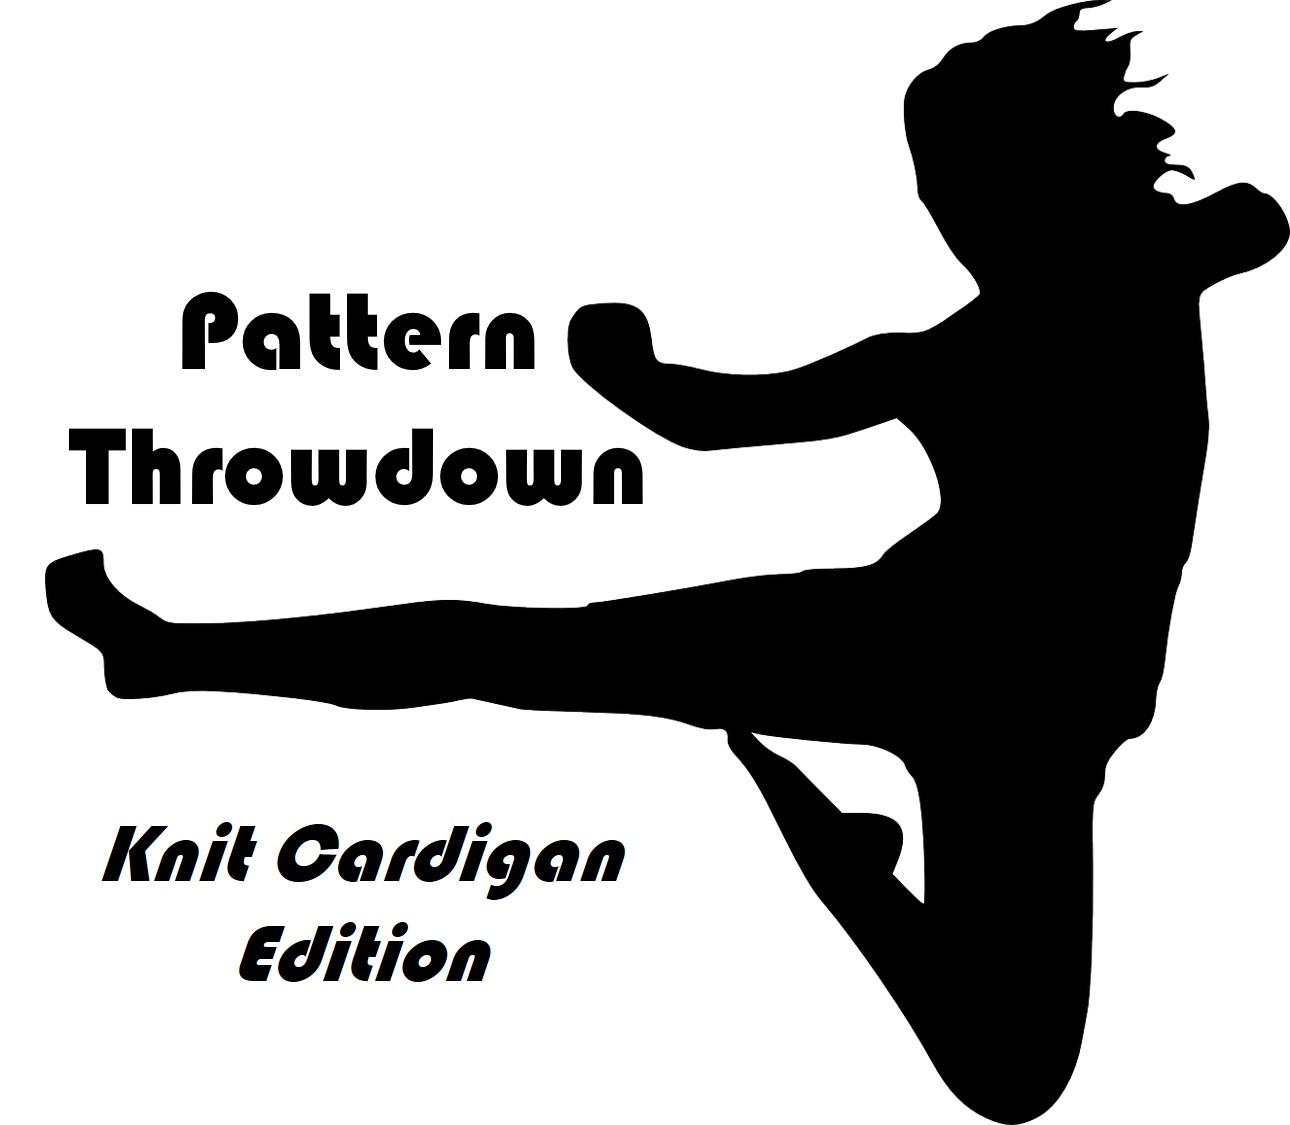 Pattern Throwdown: Knit Cardigan Edition